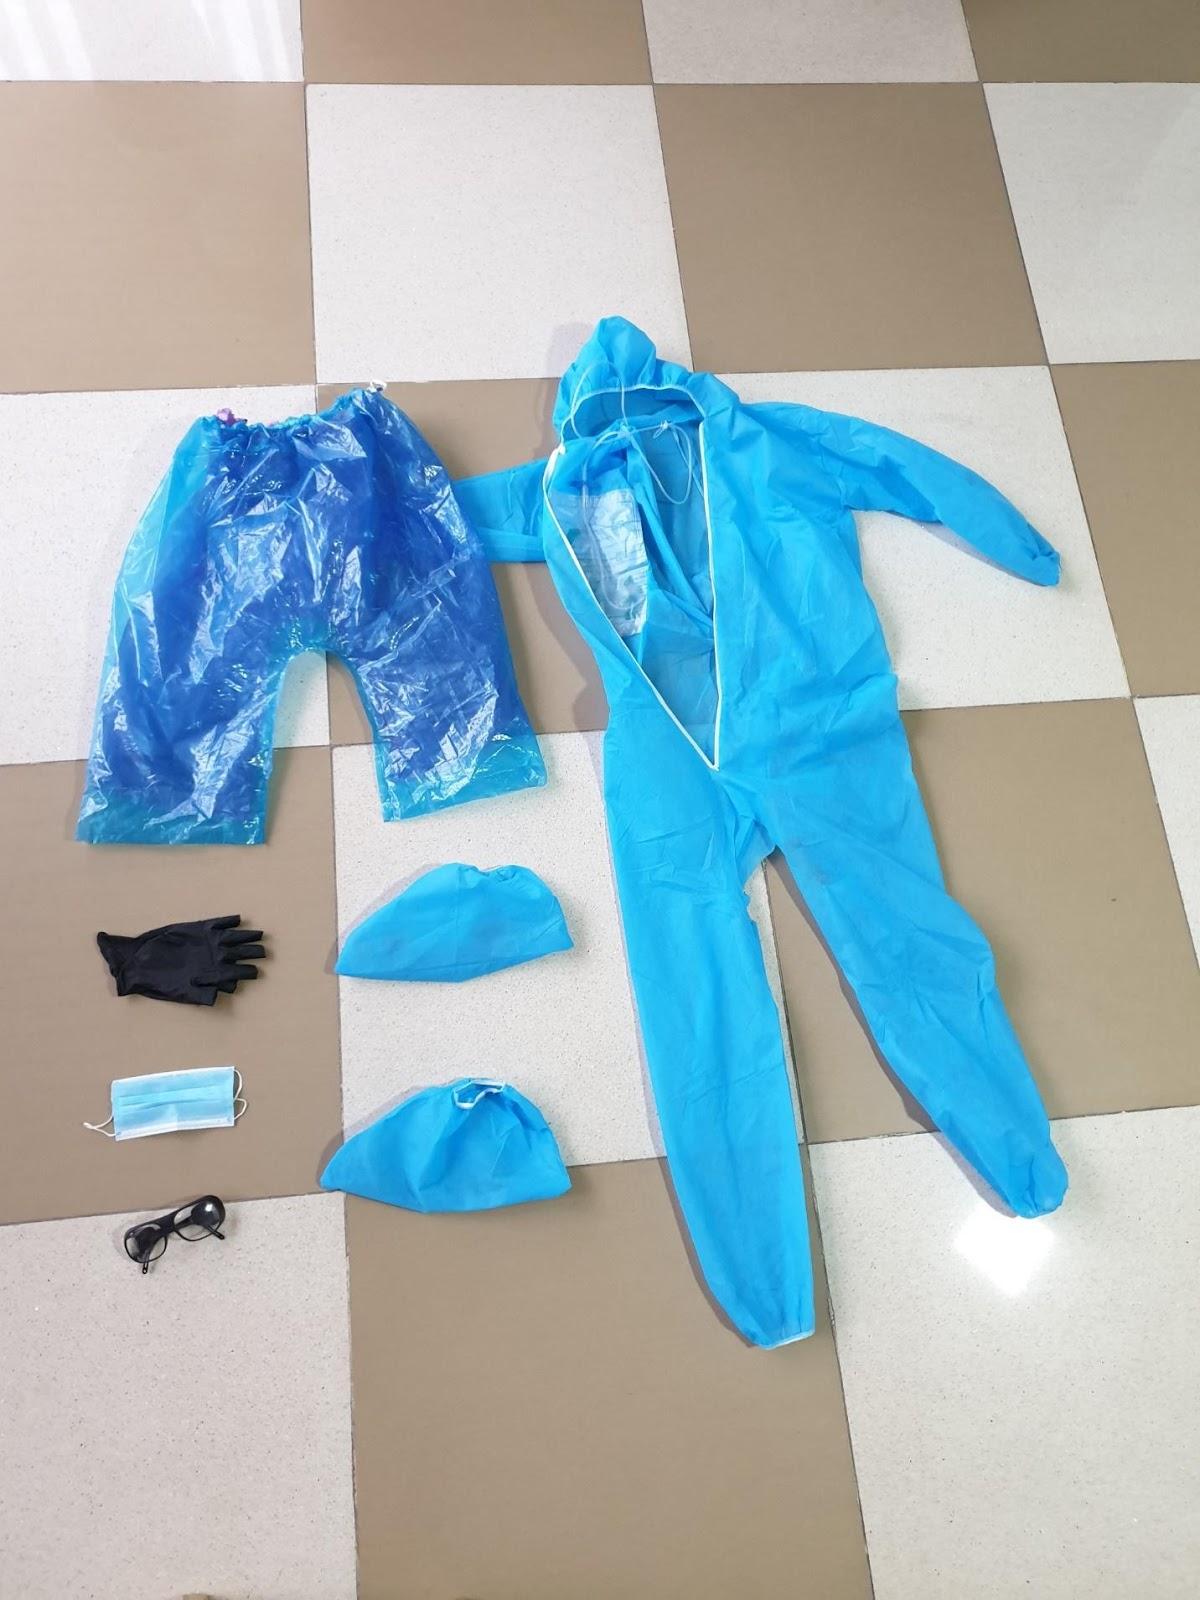 Những bộ quần áo bảo hộ y tế có ưu điểm gì khiến người sử dụng thích thú?